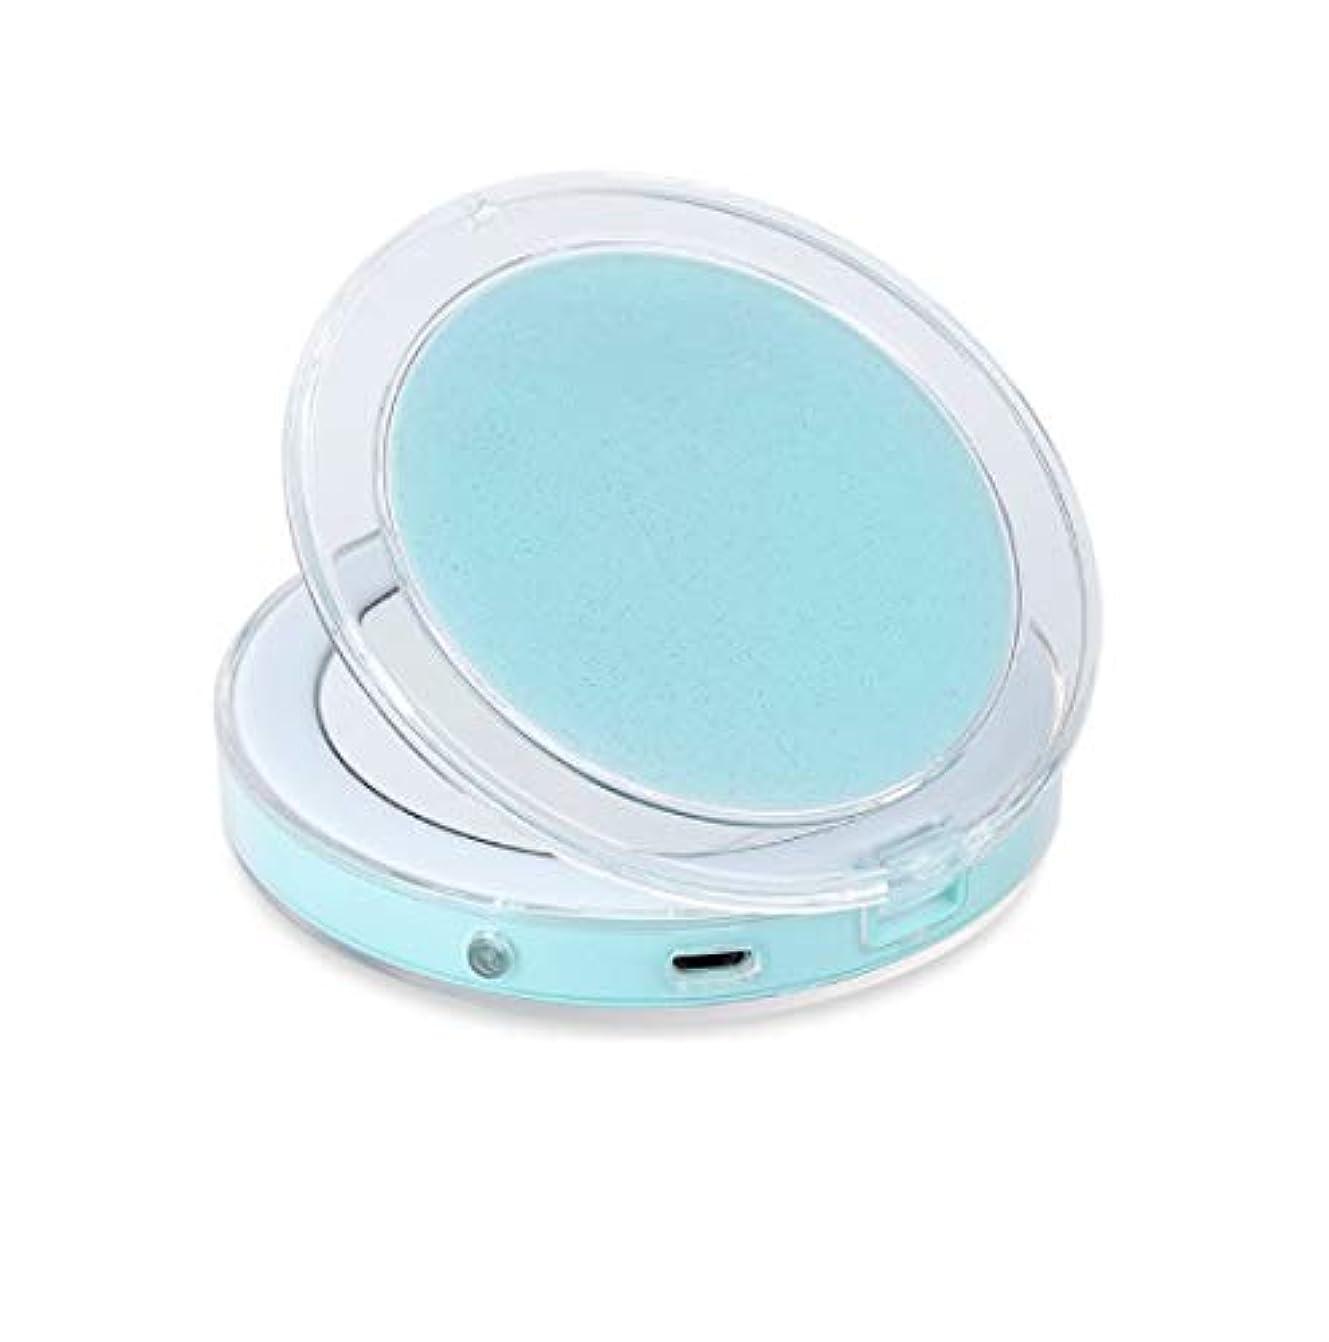 幾何学ガソリンミッションミニポータブルled化粧鏡折りたたみ光化粧鏡3回小さな夜の光ミラー (Color : グリーン)